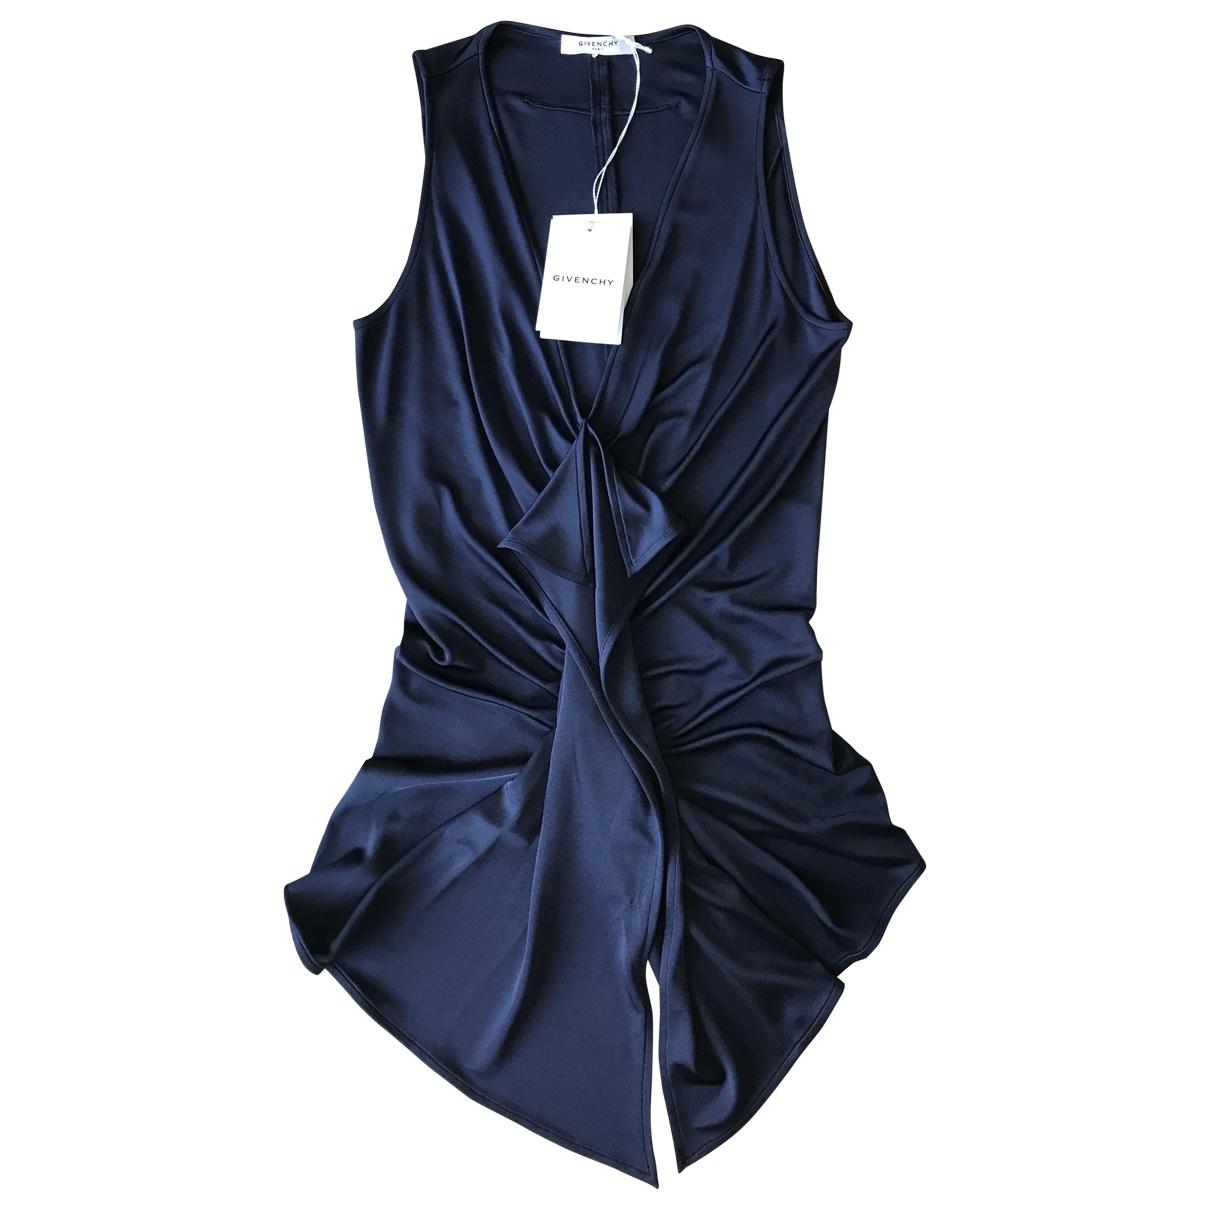 Givenchy - Top   pour femme - bleu